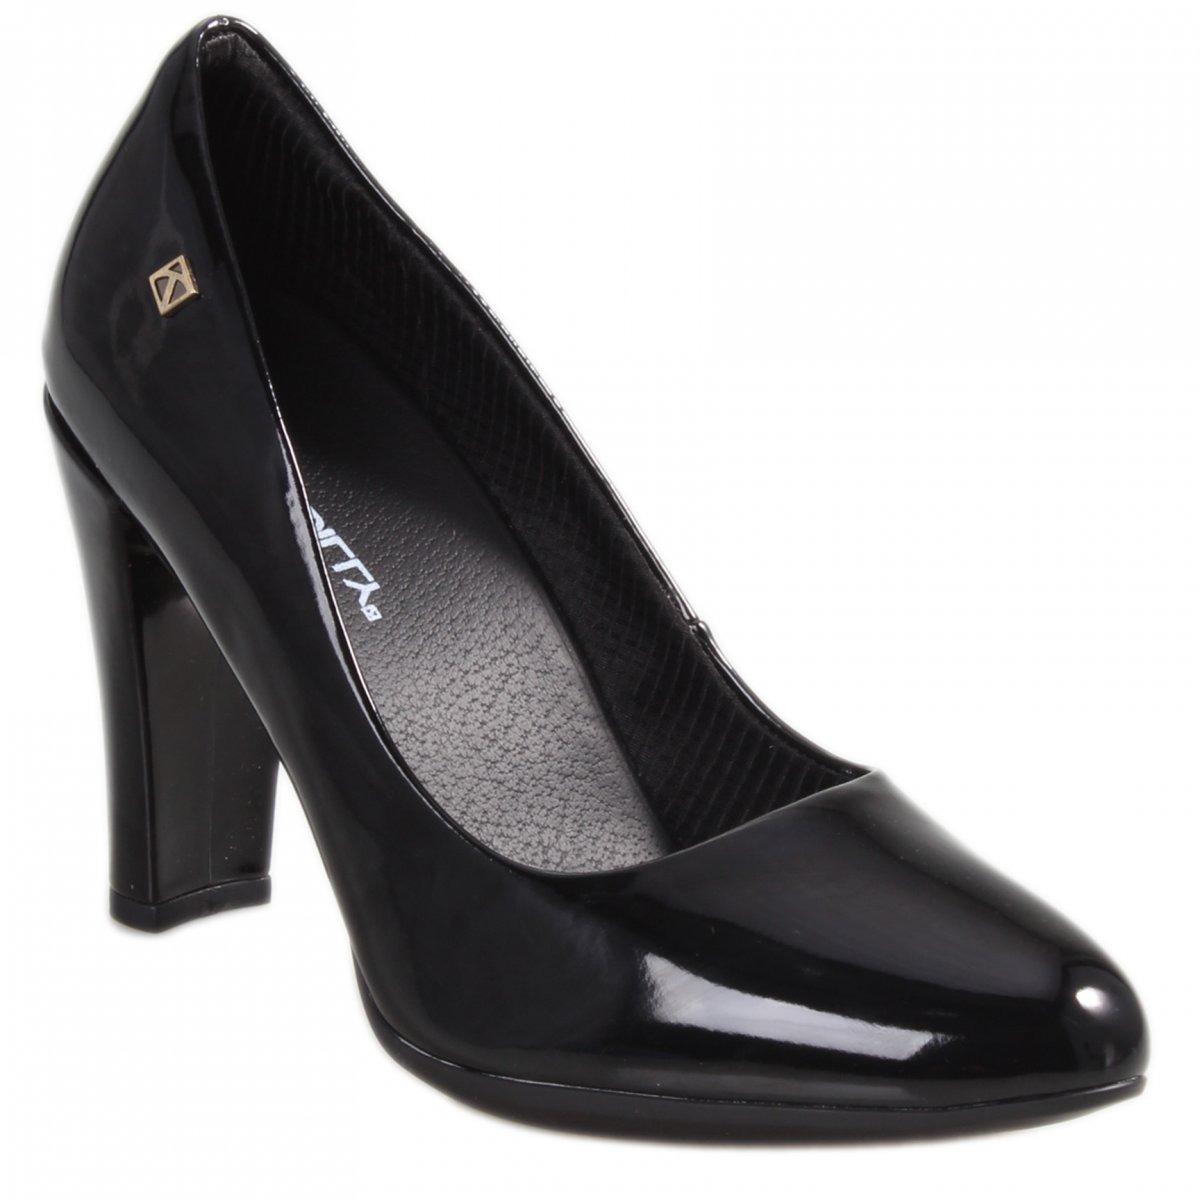 cbe645e10d sapato scarpin feminino piccadilly preto verniz. Carregando zoom.